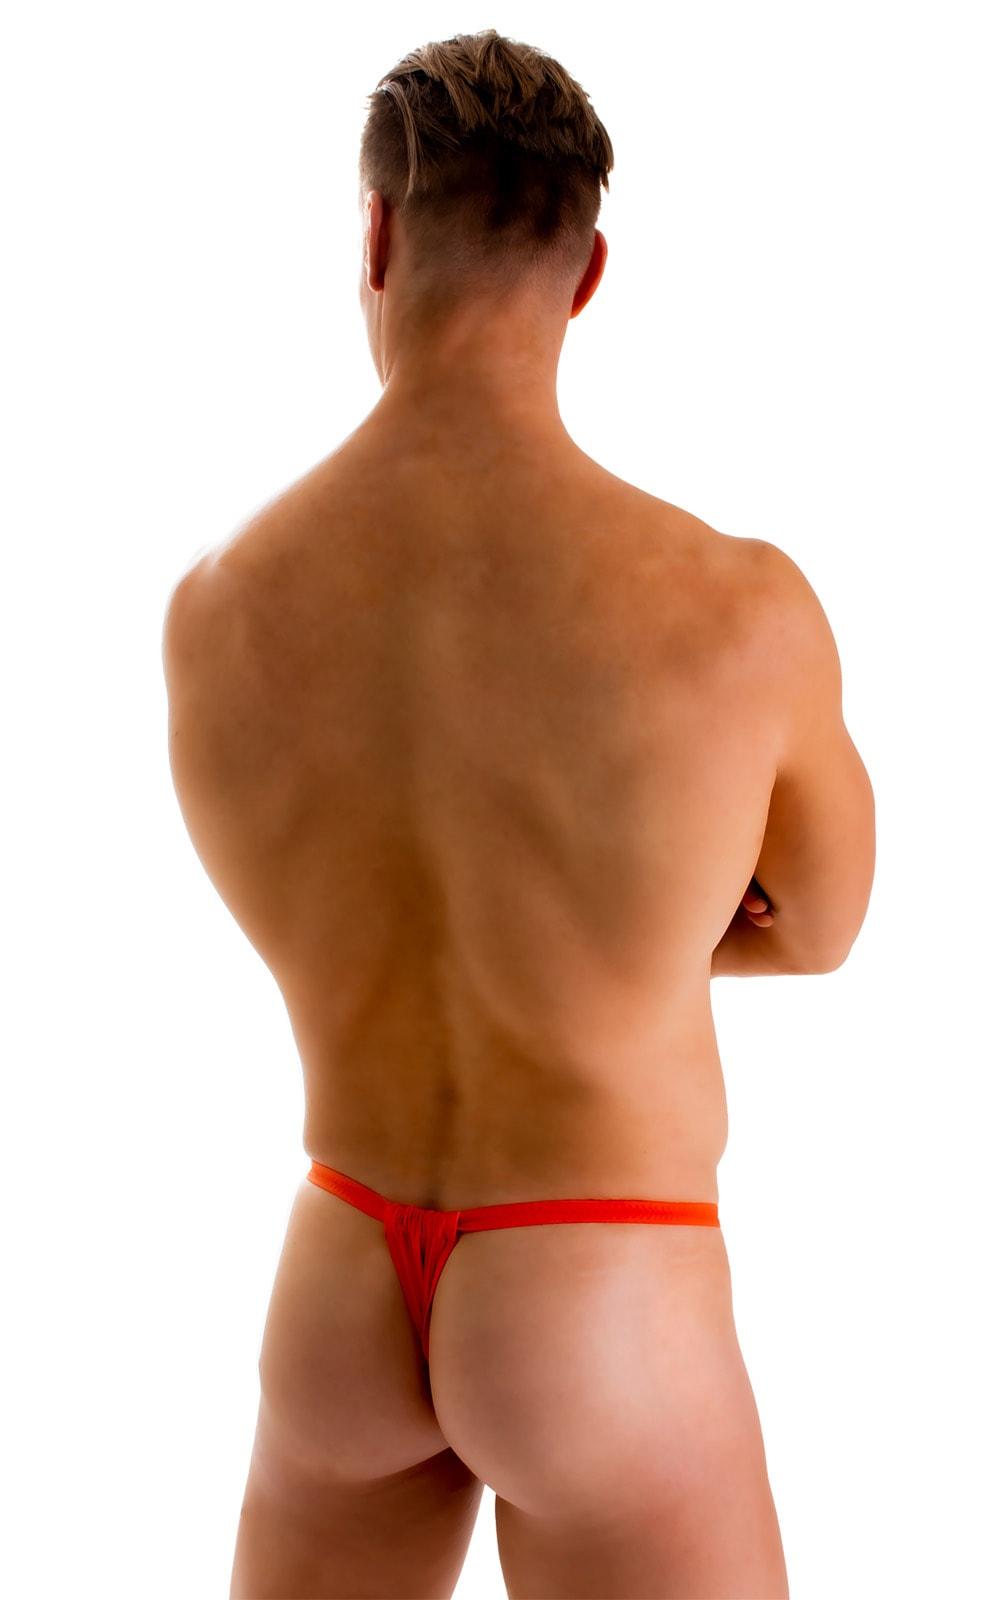 4-Way Adjustable Bikini-Tanga-Micro in ThinSKINZ Apricot 2